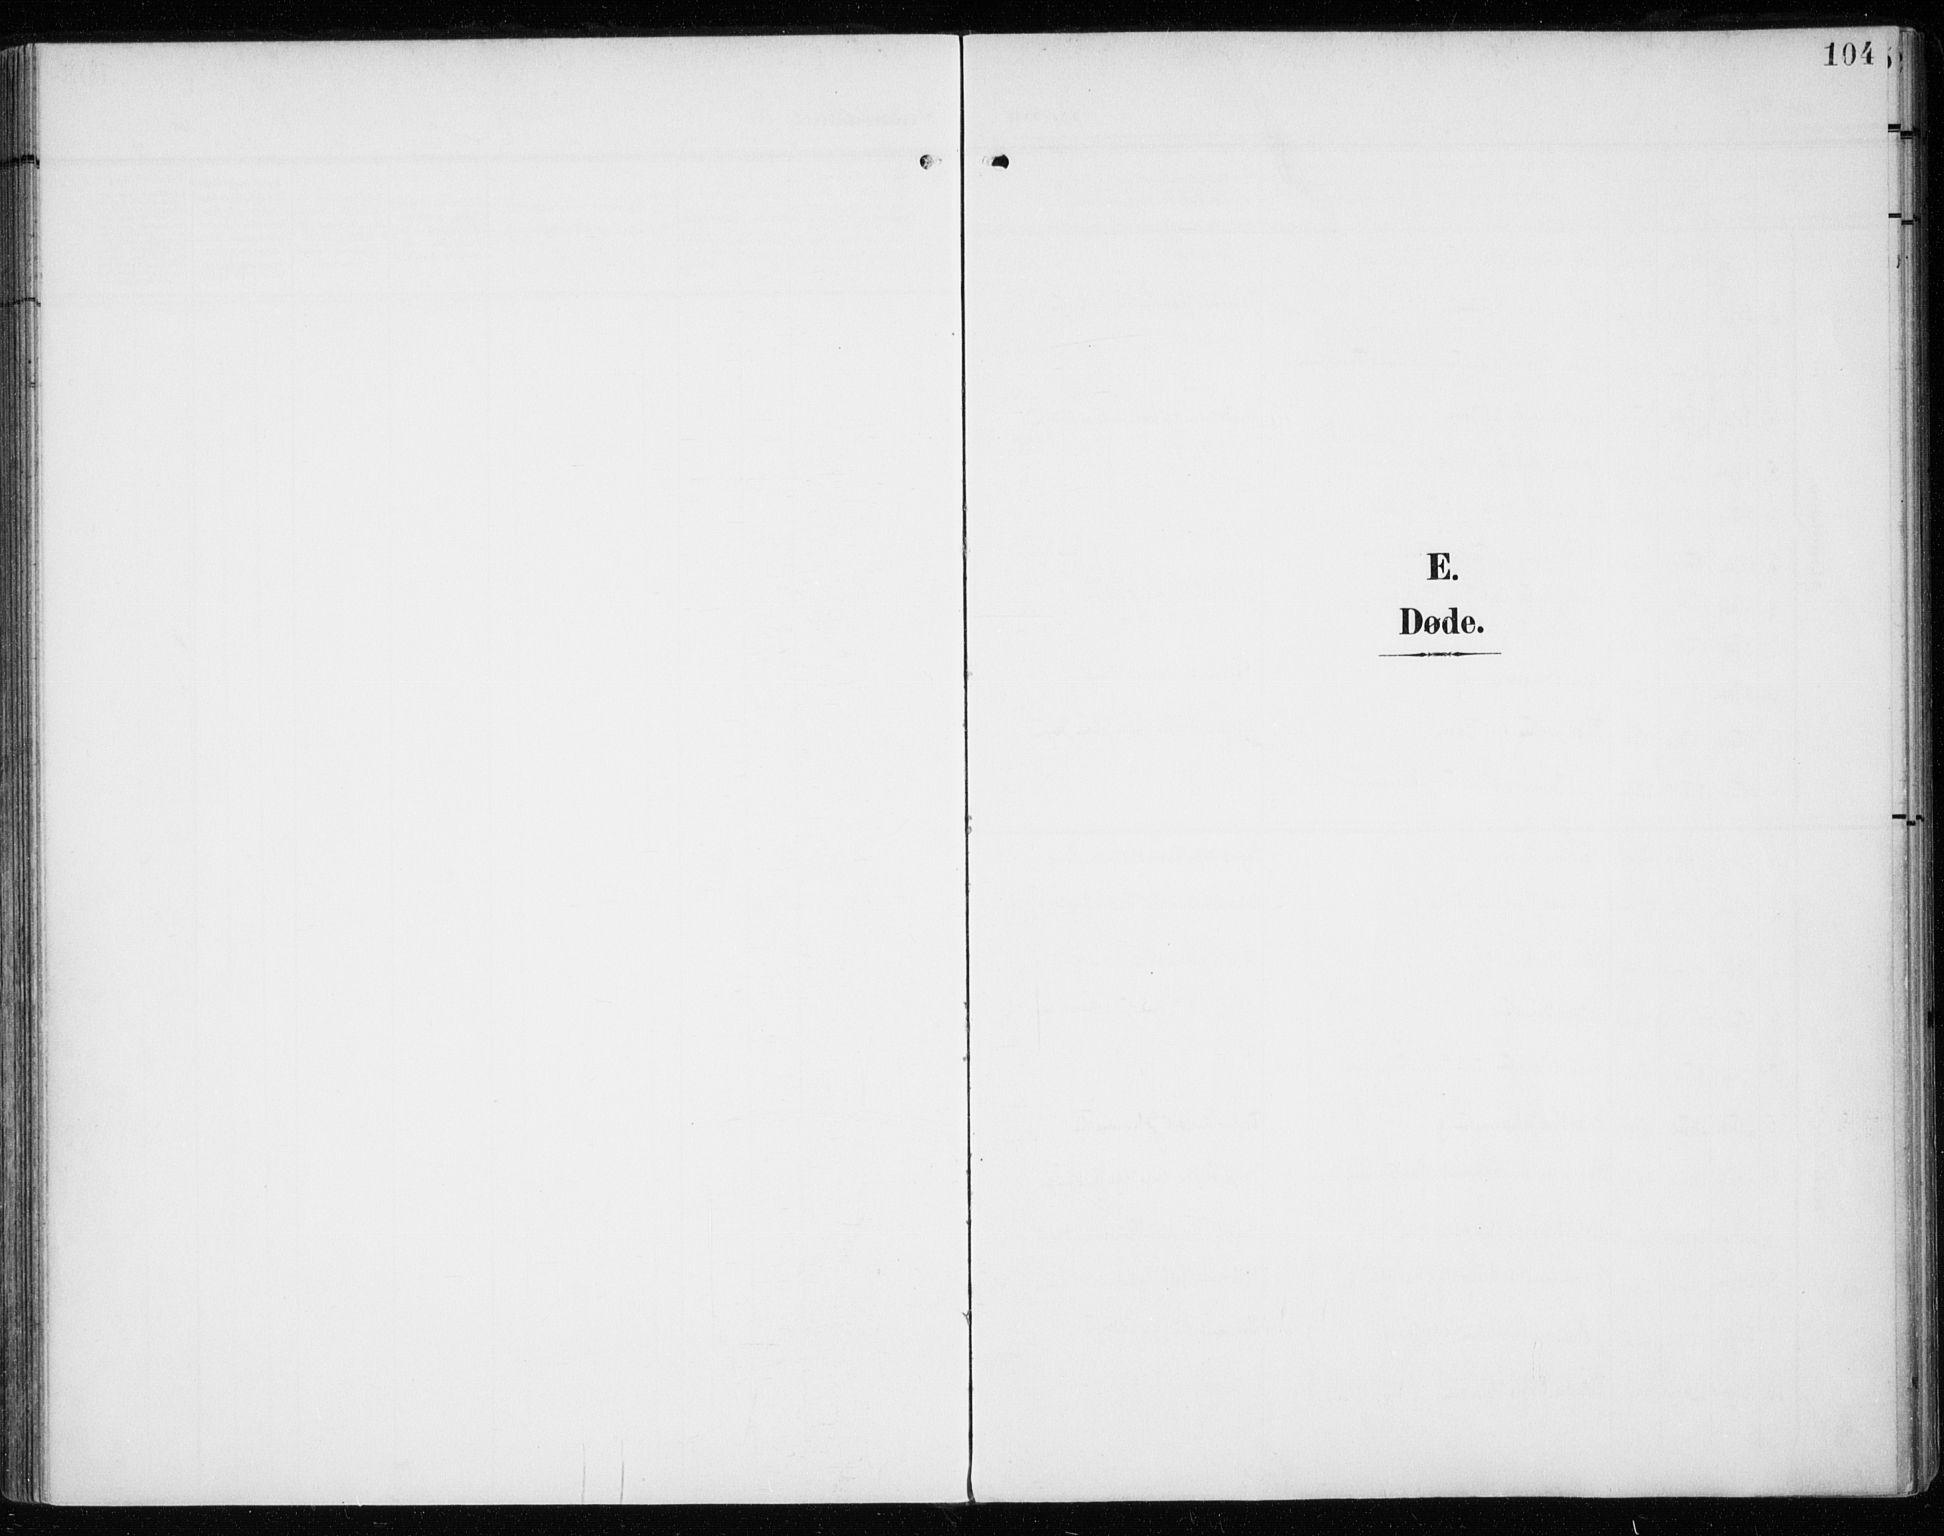 SATØ, Tromsø sokneprestkontor/stiftsprosti/domprosti, G/Ga/L0018kirke: Ministerialbok nr. 18, 1907-1917, s. 104